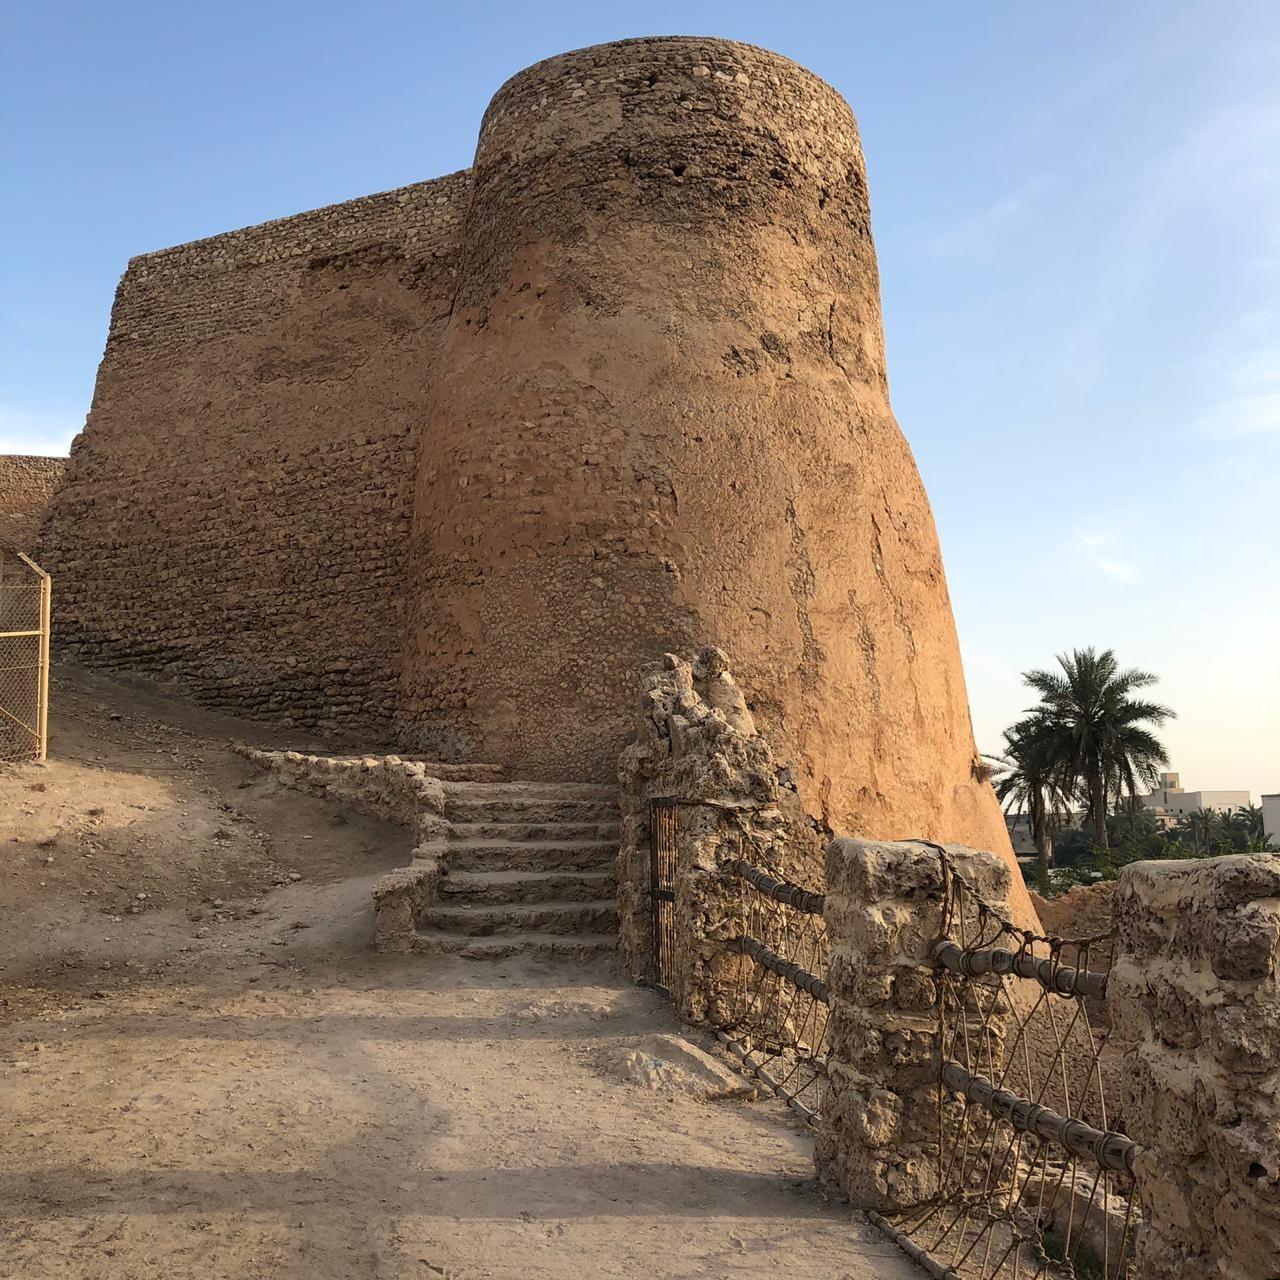 ( اندبندنت عربية - محمد الشبيب) جانب من قلعة  جزيرة تاروت التي تقع شرق السعودية.jpg